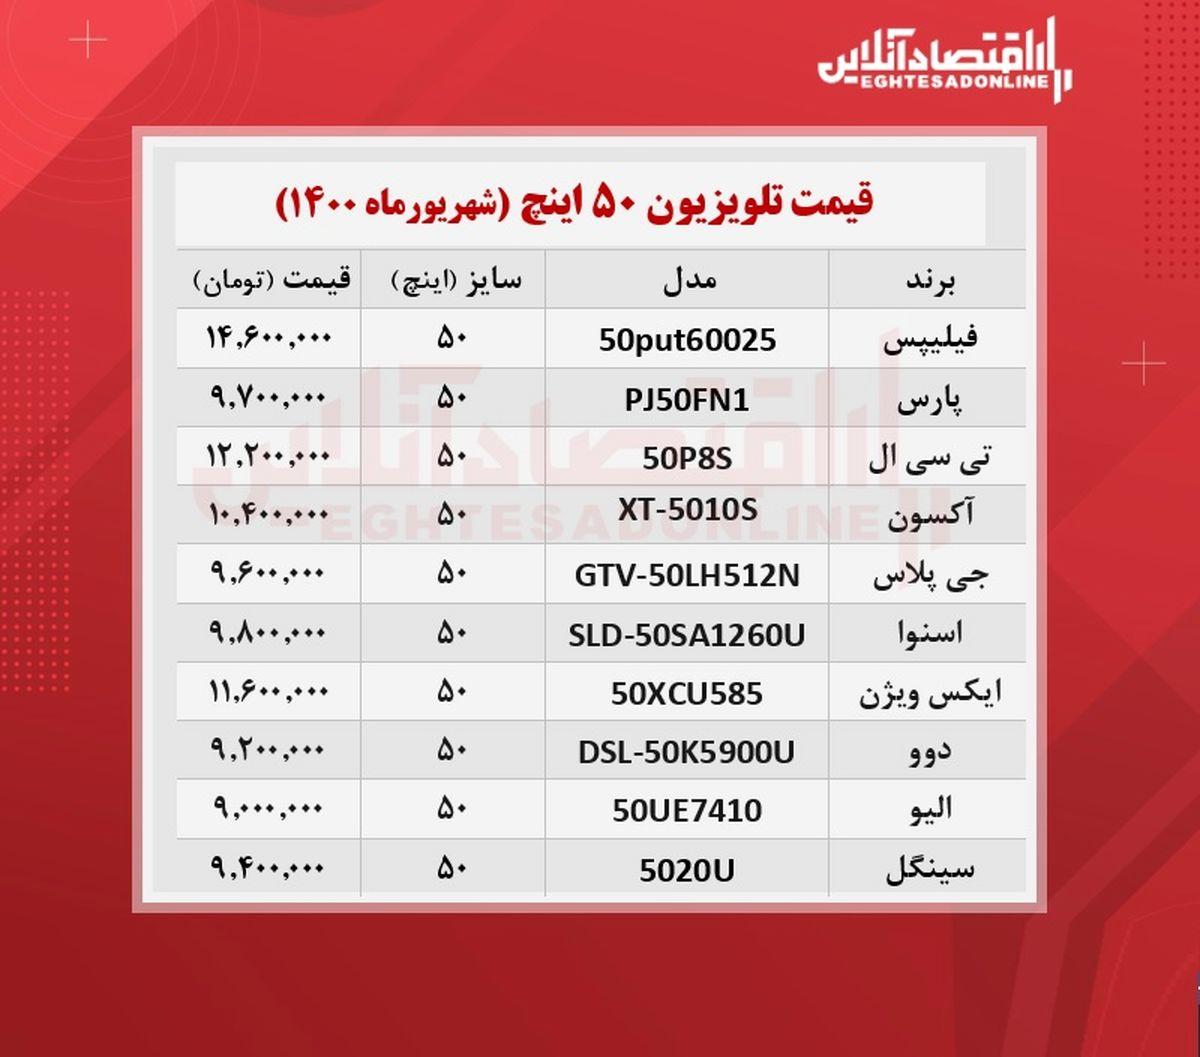 قیمت تلویزیون ۵۰اینچ /۲۳شهریورماه